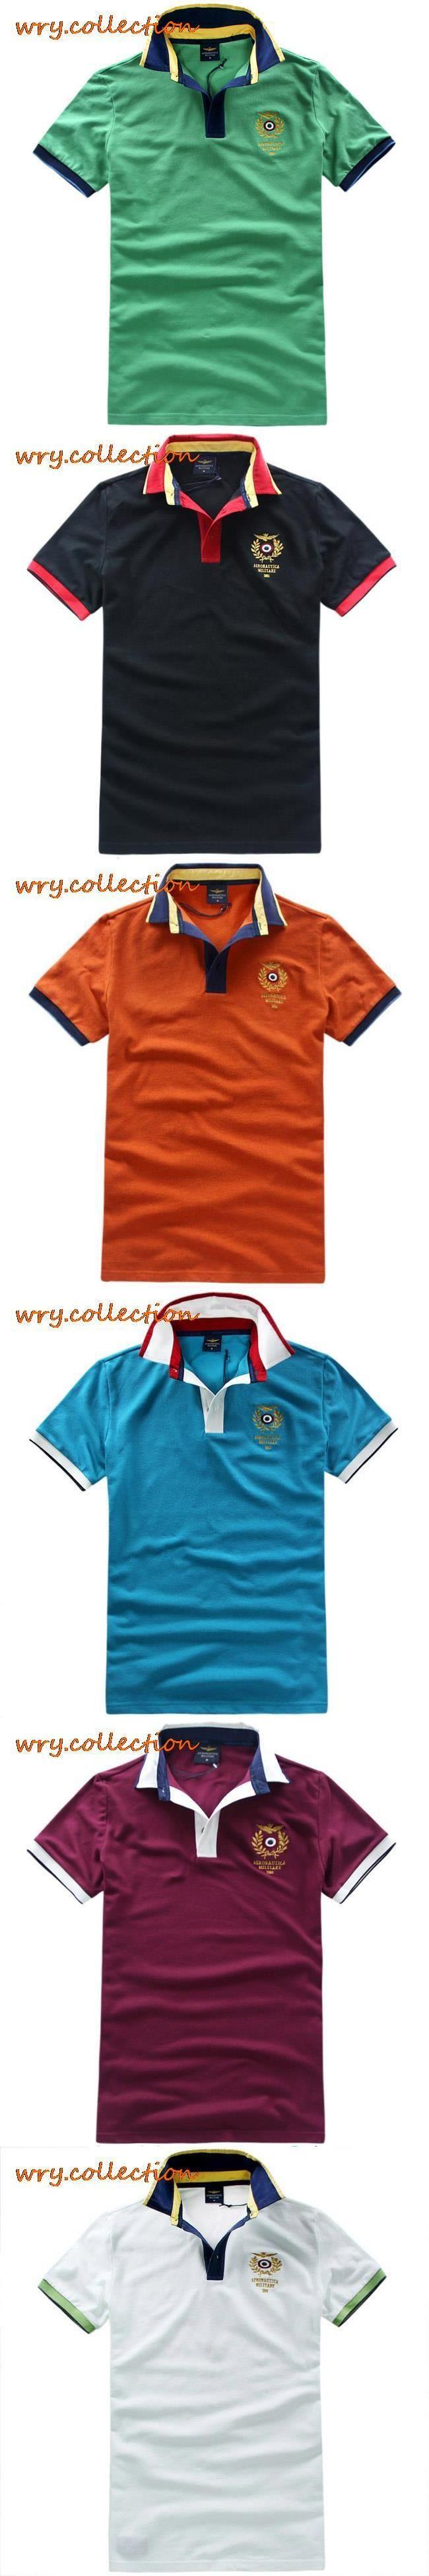 Social shirt, man grace polo,aeronautica militare polo,polo shirts for men free shipping